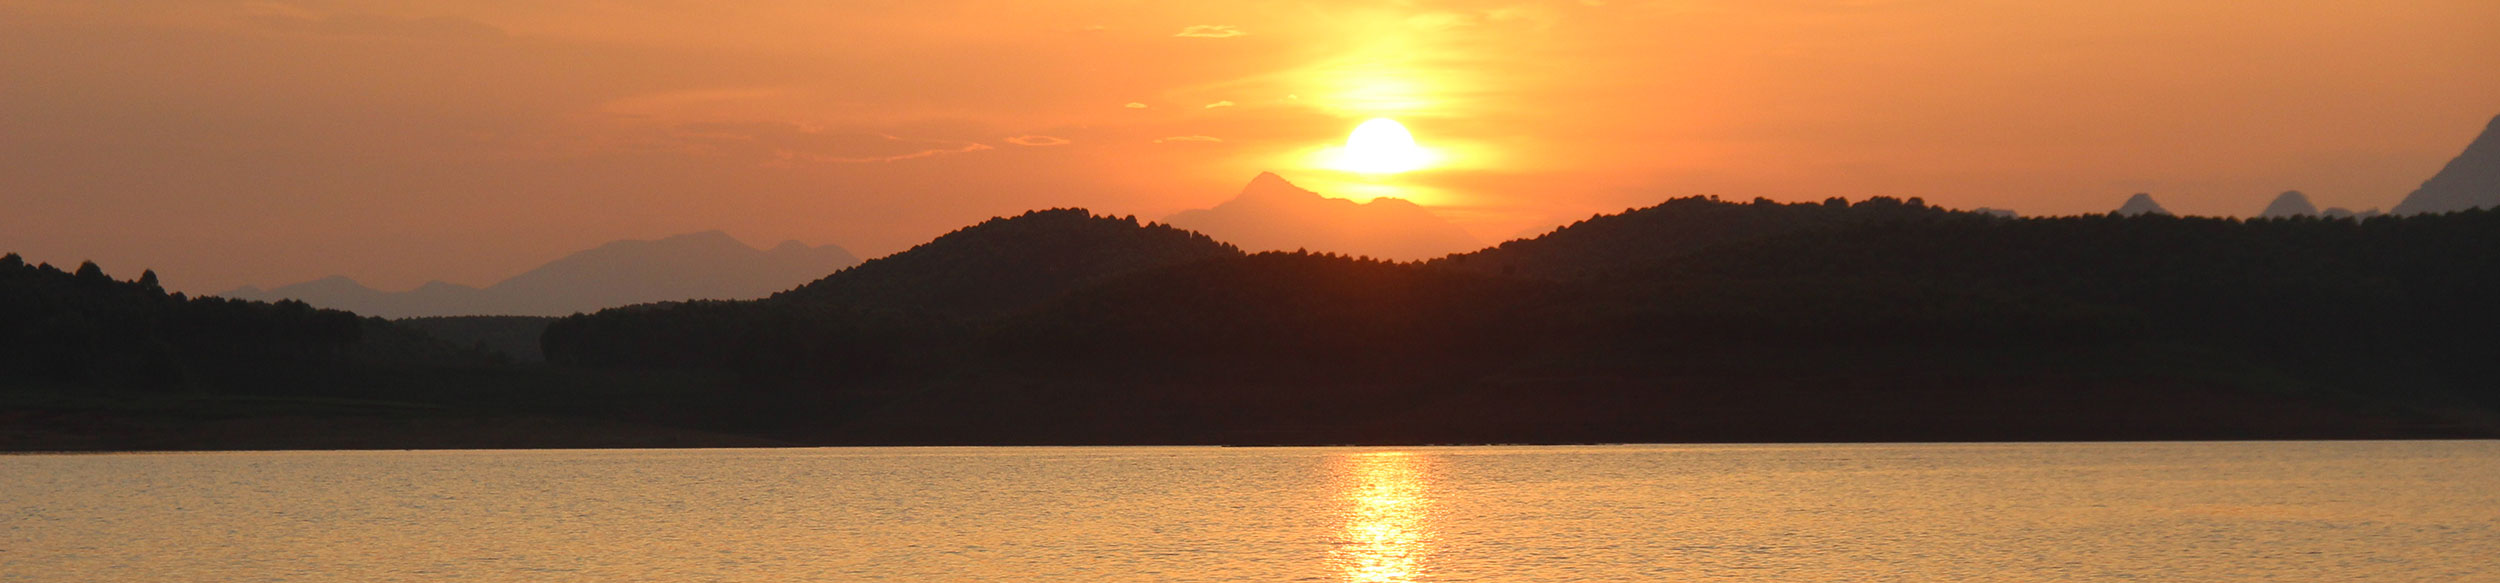 le lac Thac Ba avec Carnets d'Asie